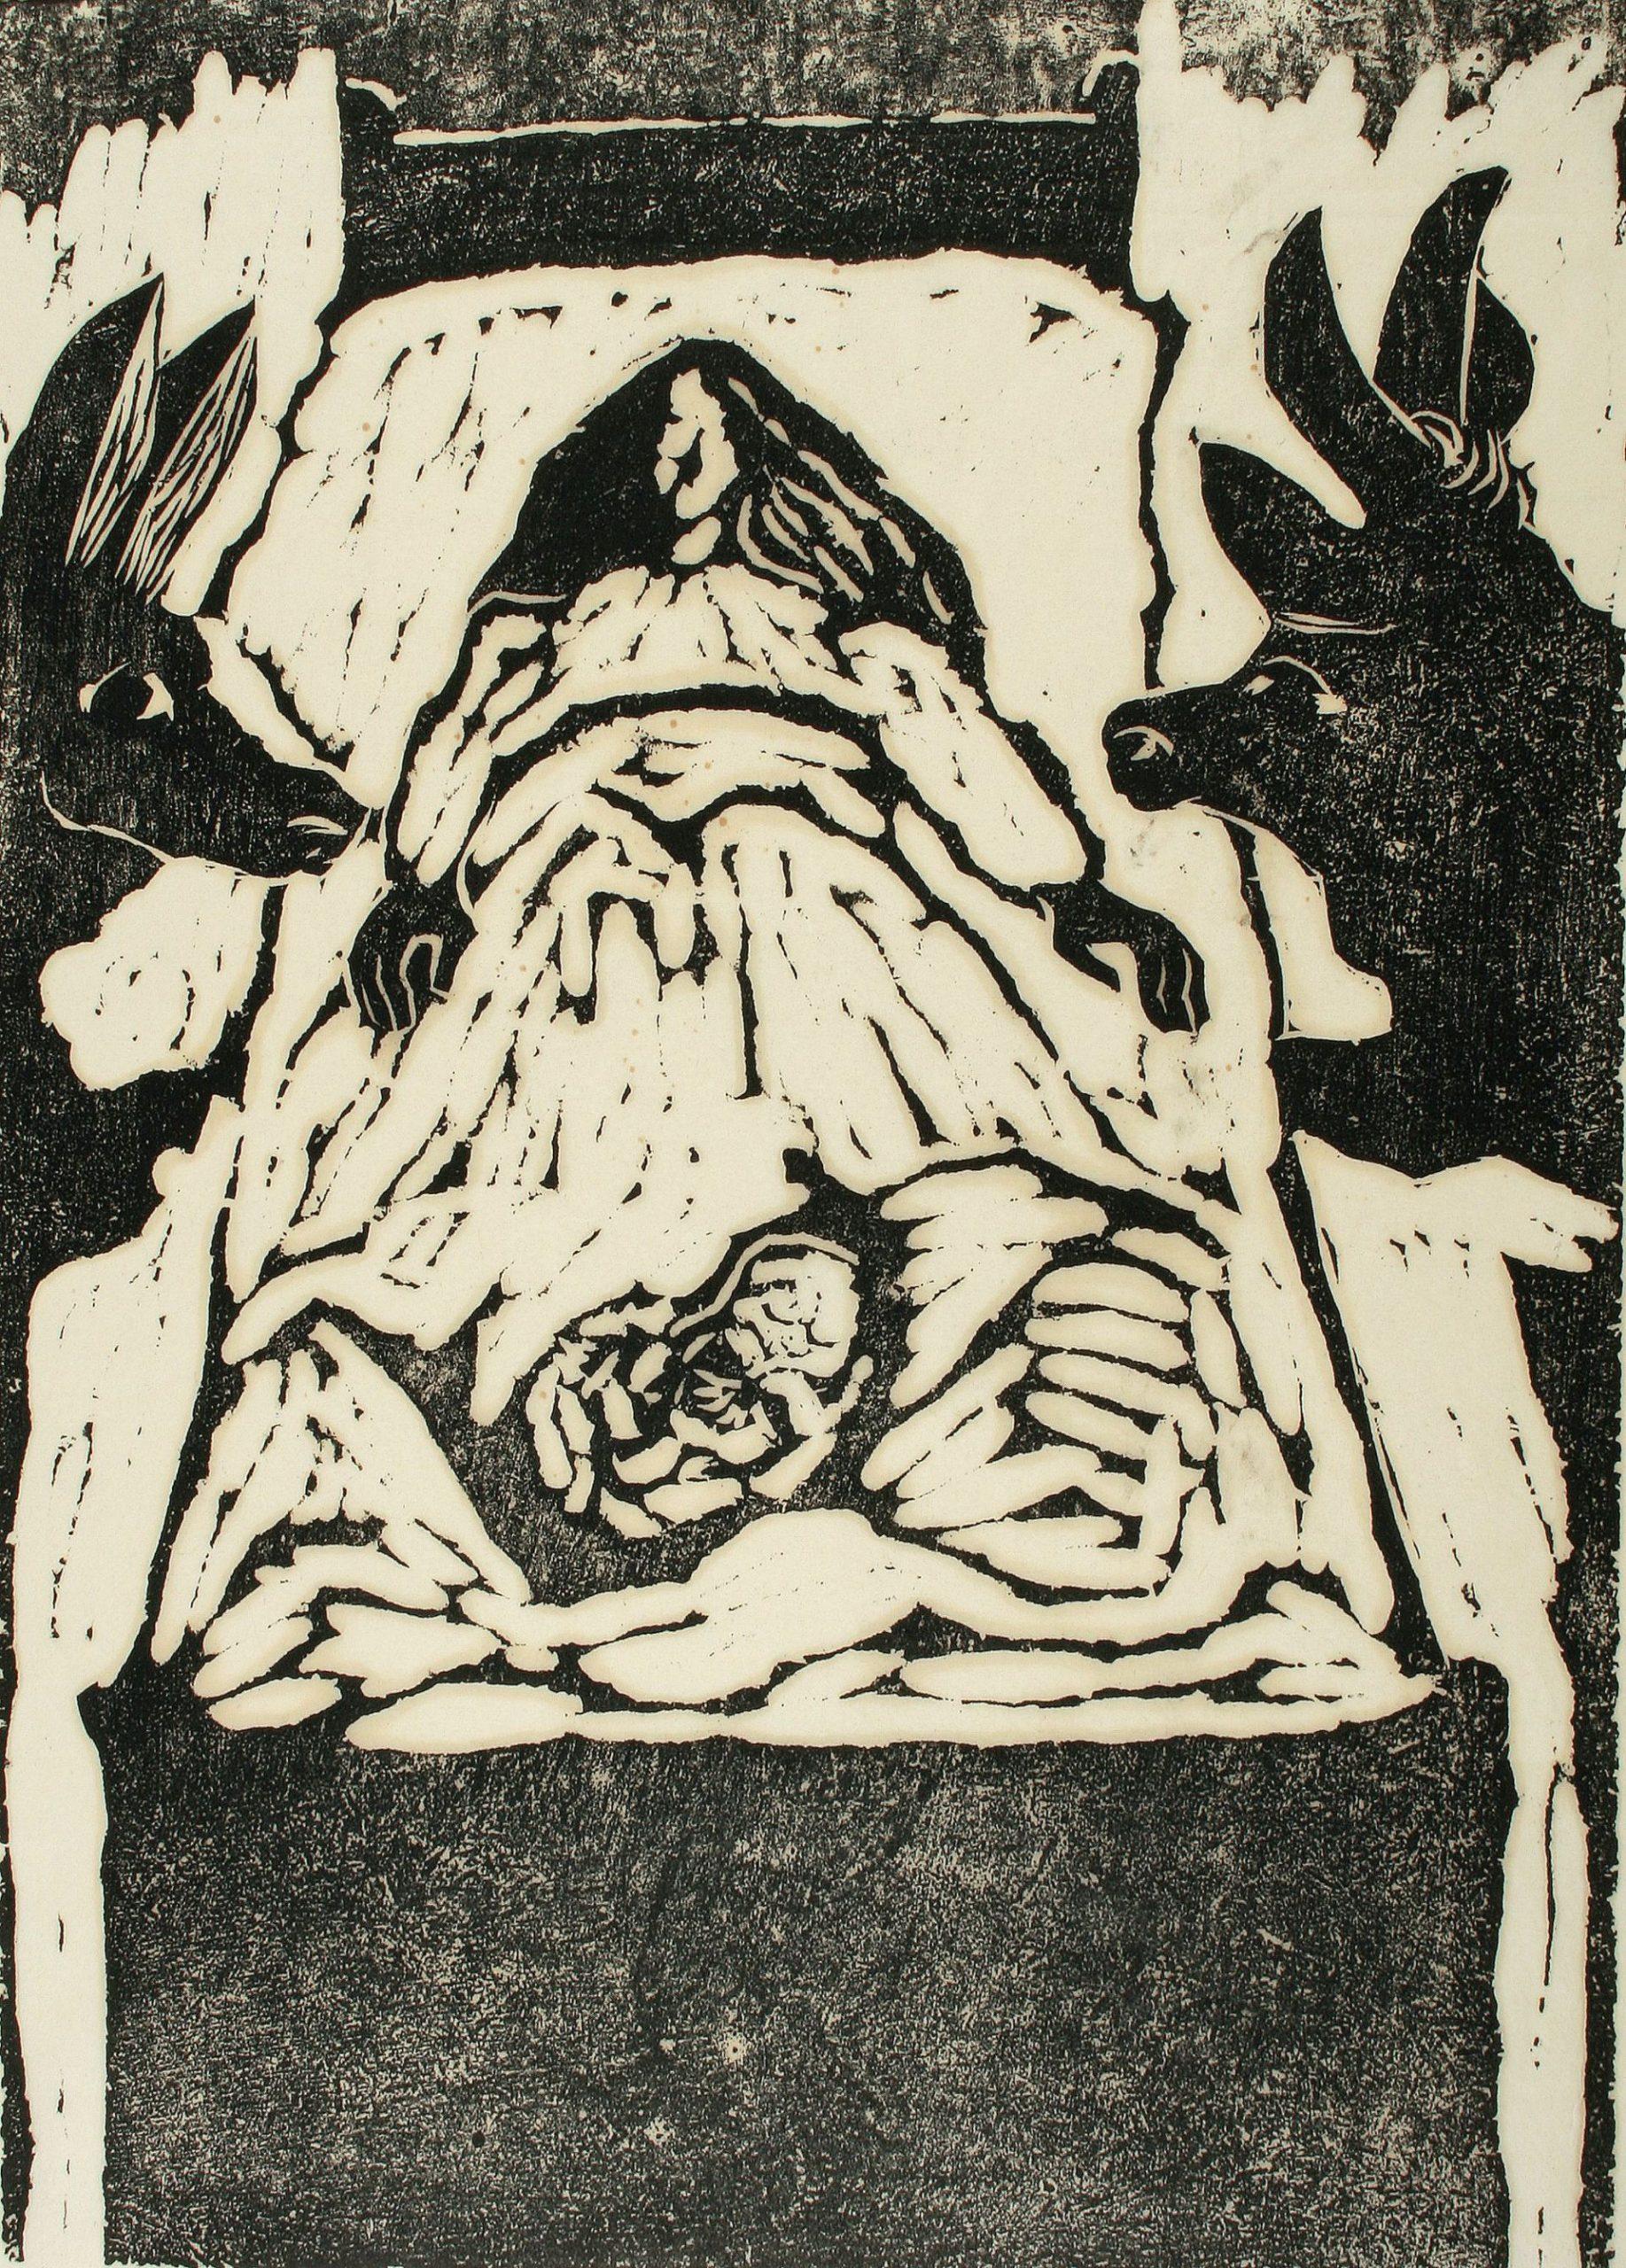 Auguste Kronheim-The Birth